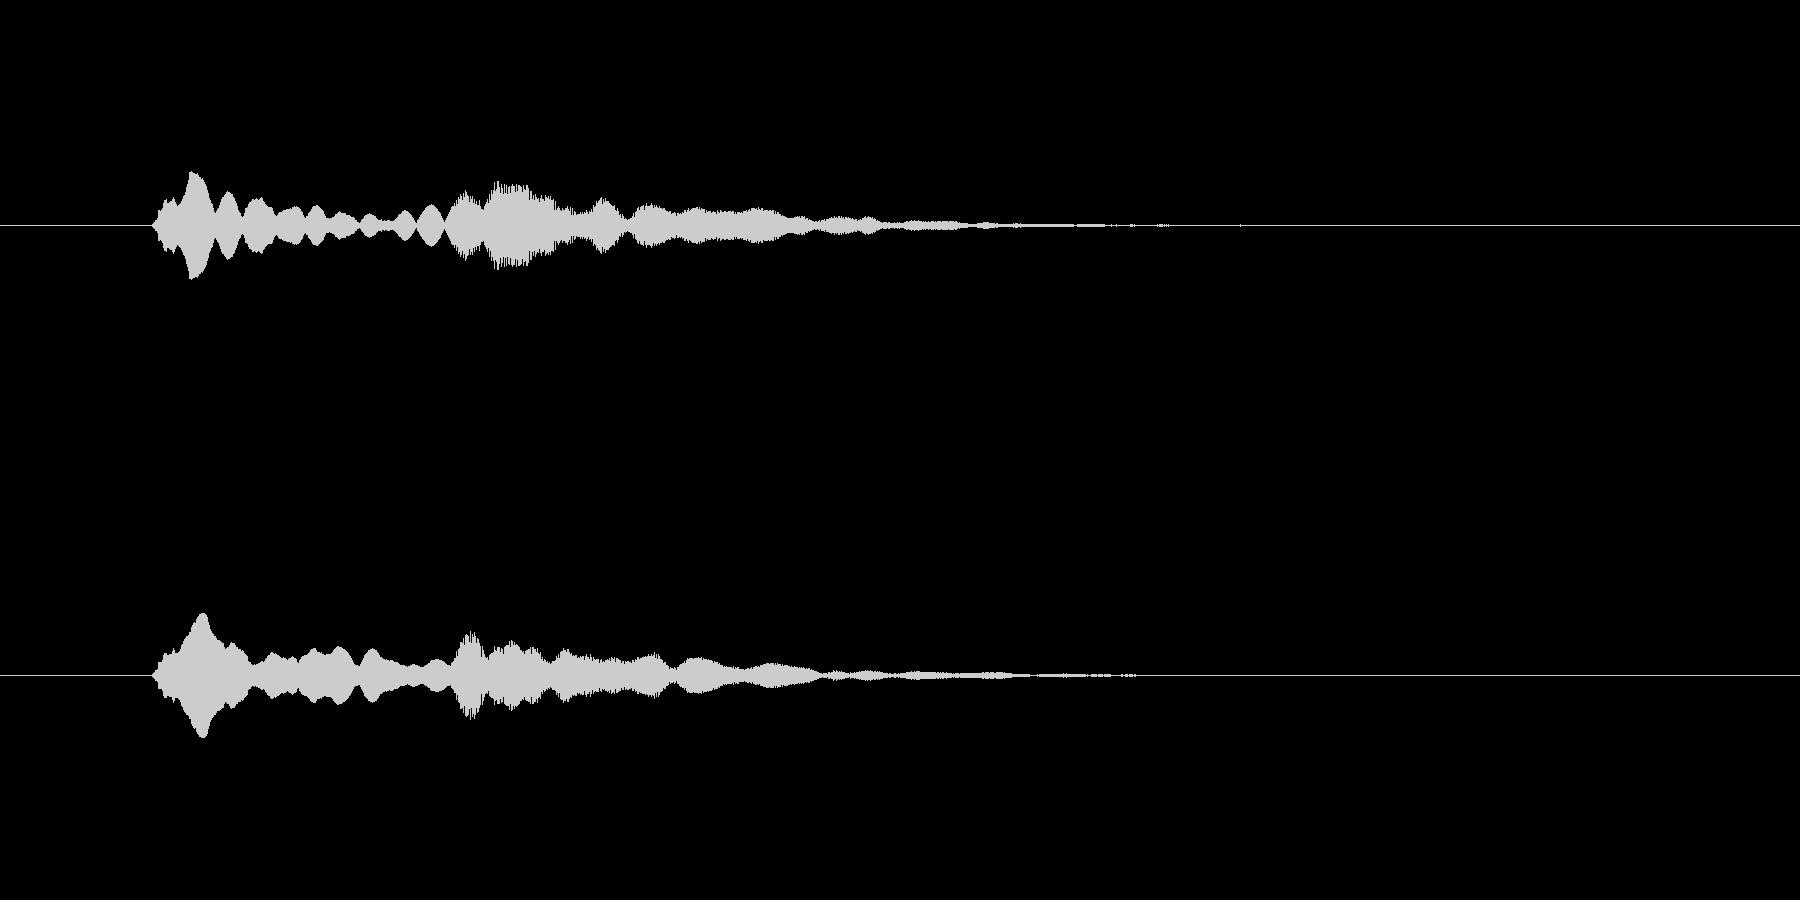 ピンポン(注目、お知らせ、終了)の未再生の波形